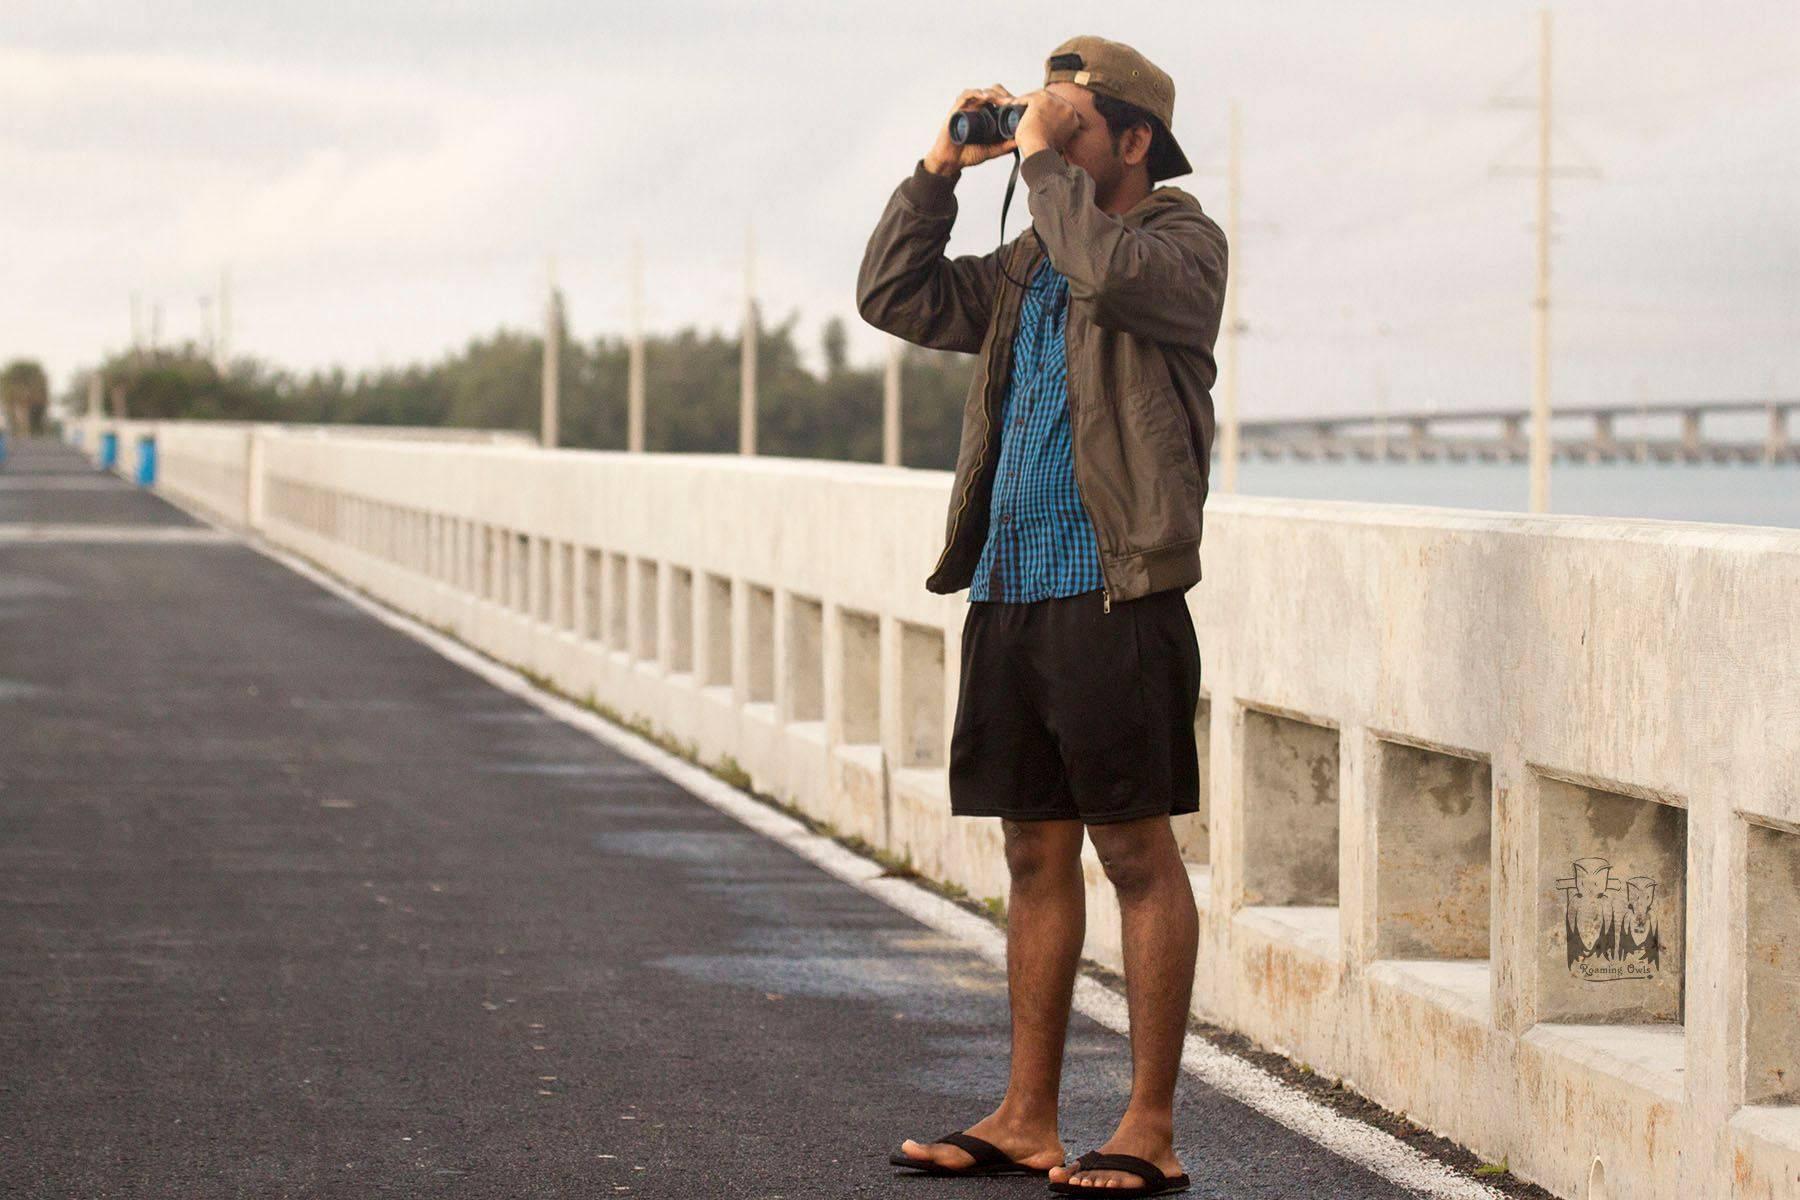 Vinod on bridge with binoculars, Florida Keys